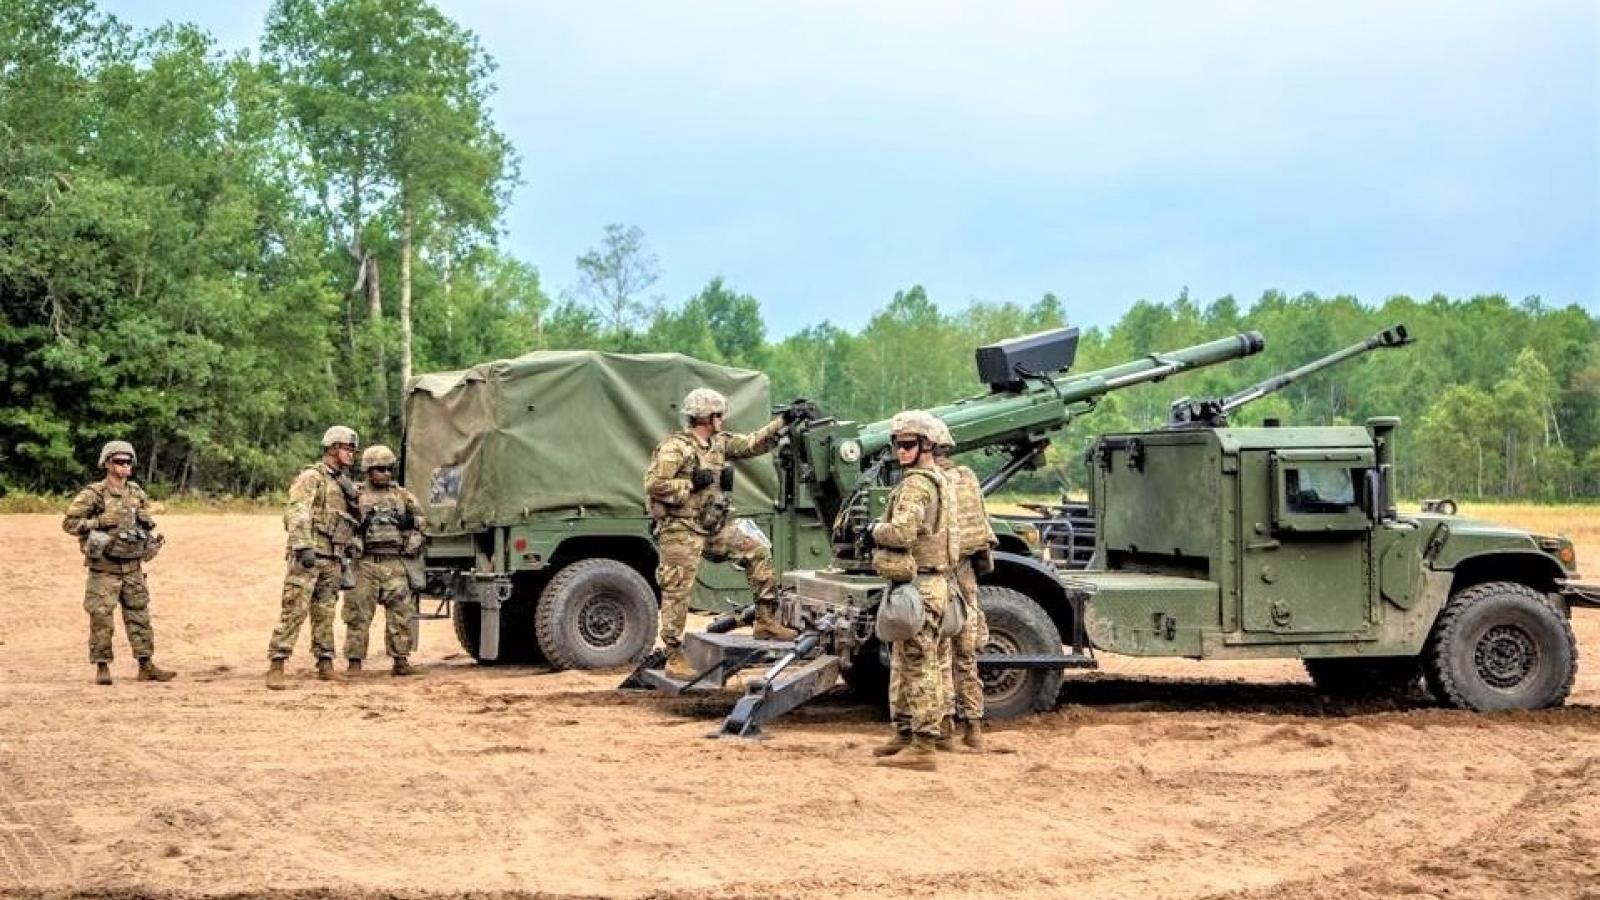 Mỹ tích hợp pháo cỡ lớn trên các phương tiện cơ động mặt đất